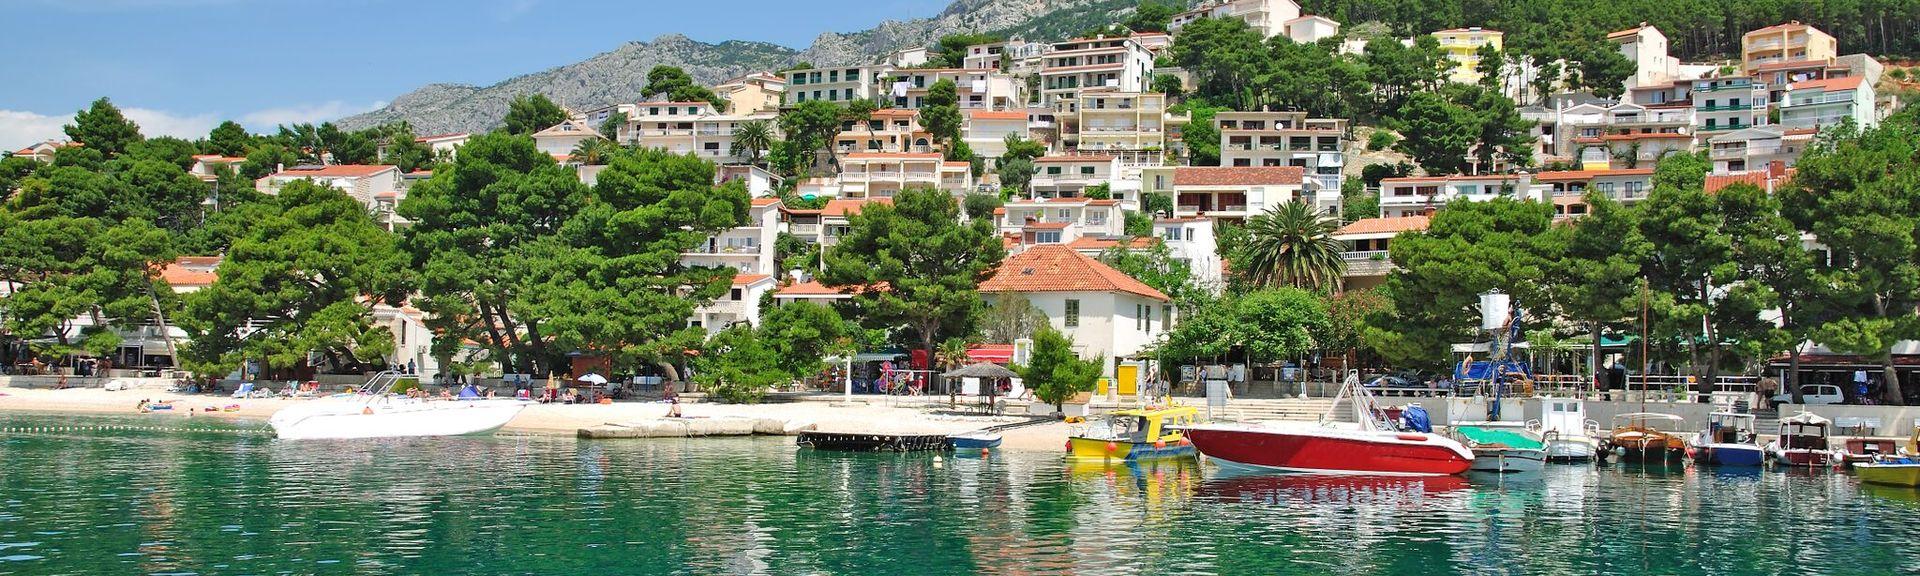 Brela, Split-Dalmatia, Croatia